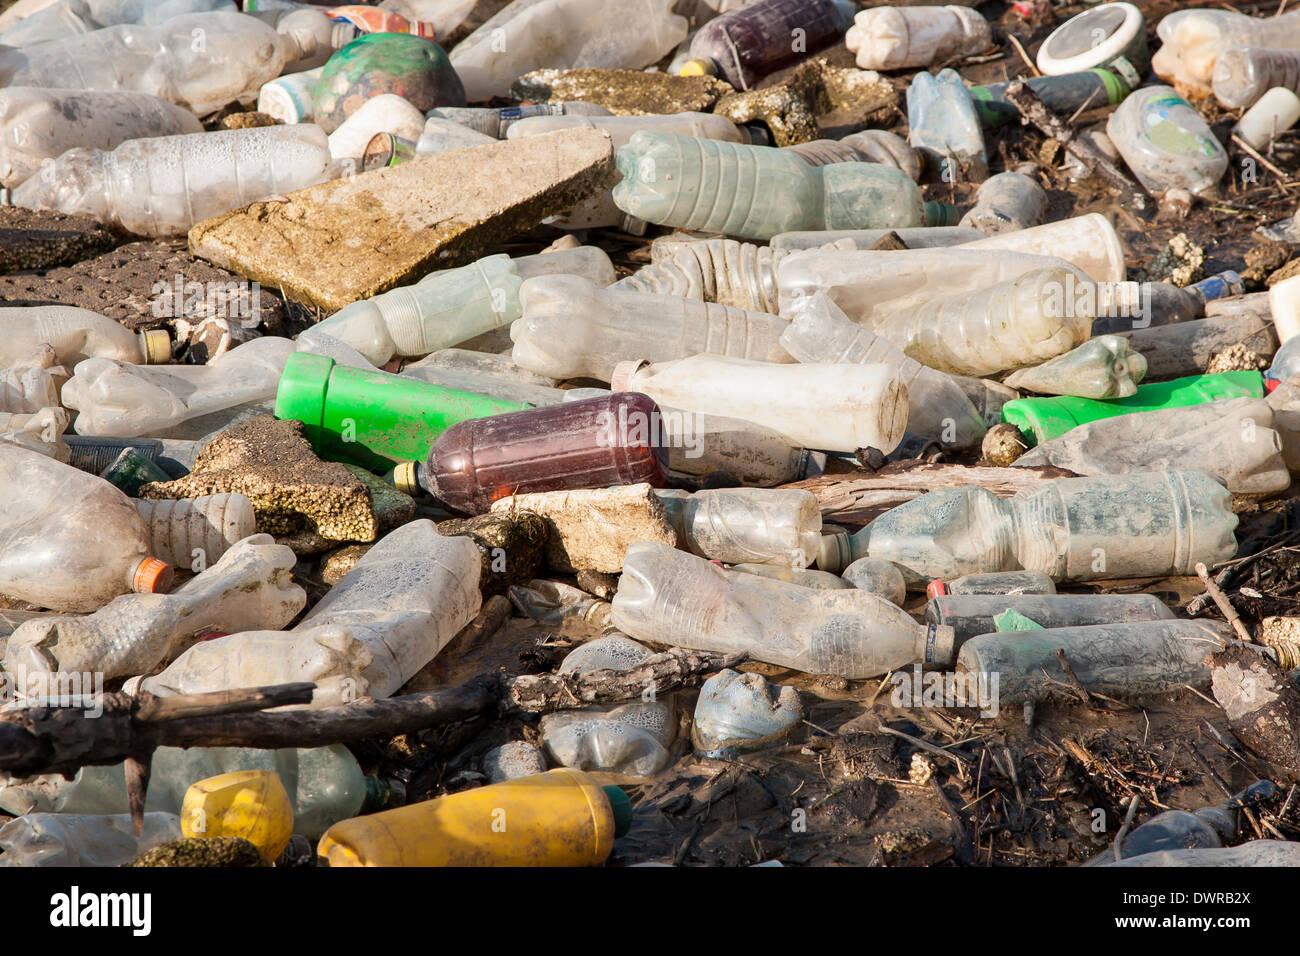 Environmental pollution. Plastic bottles on illegal dump - Stock Image